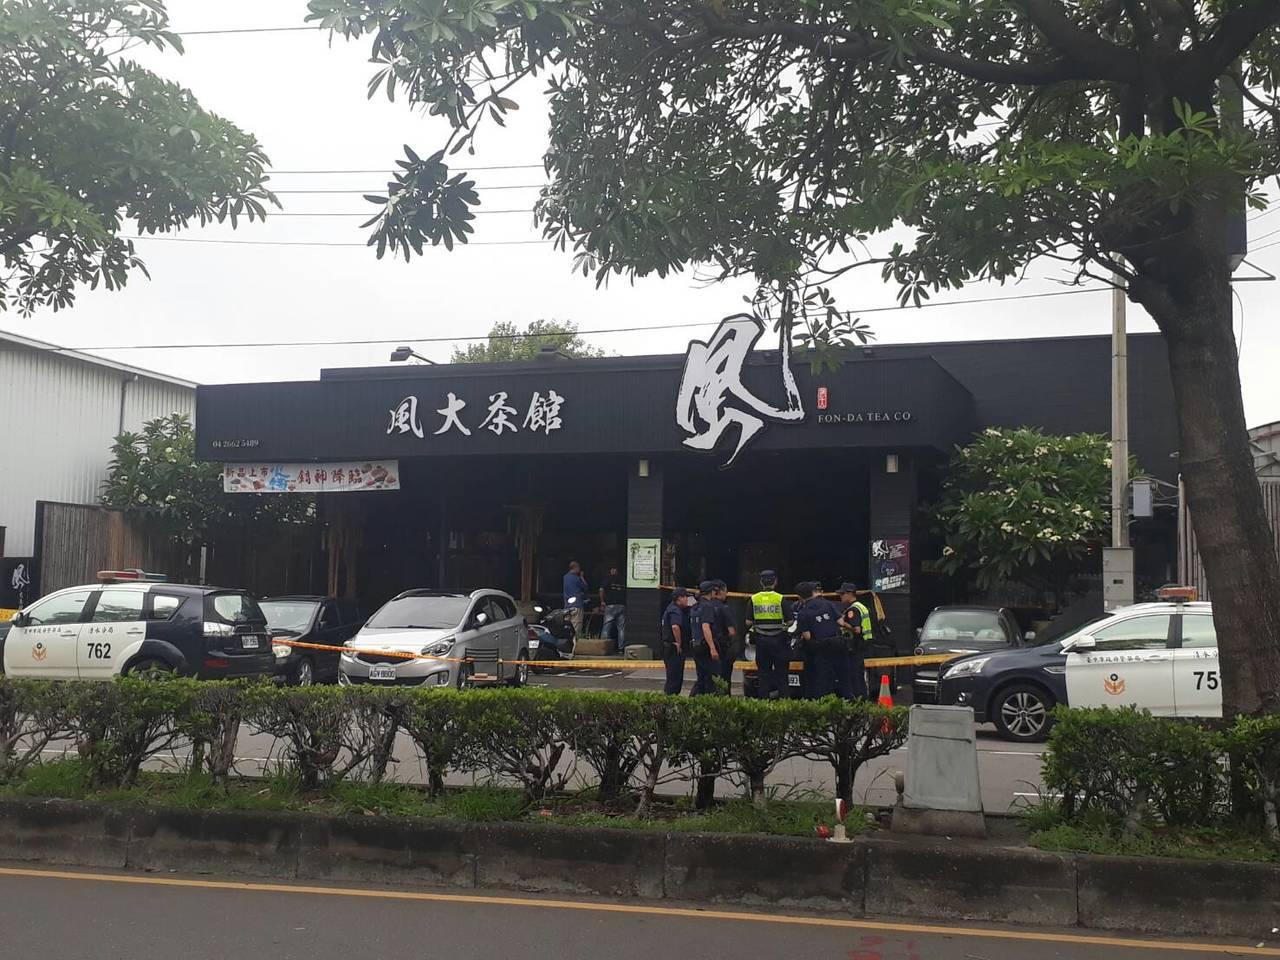 台中市清水區中山路今天發生槍擊案,一男一女中槍。記者游振昇/翻攝